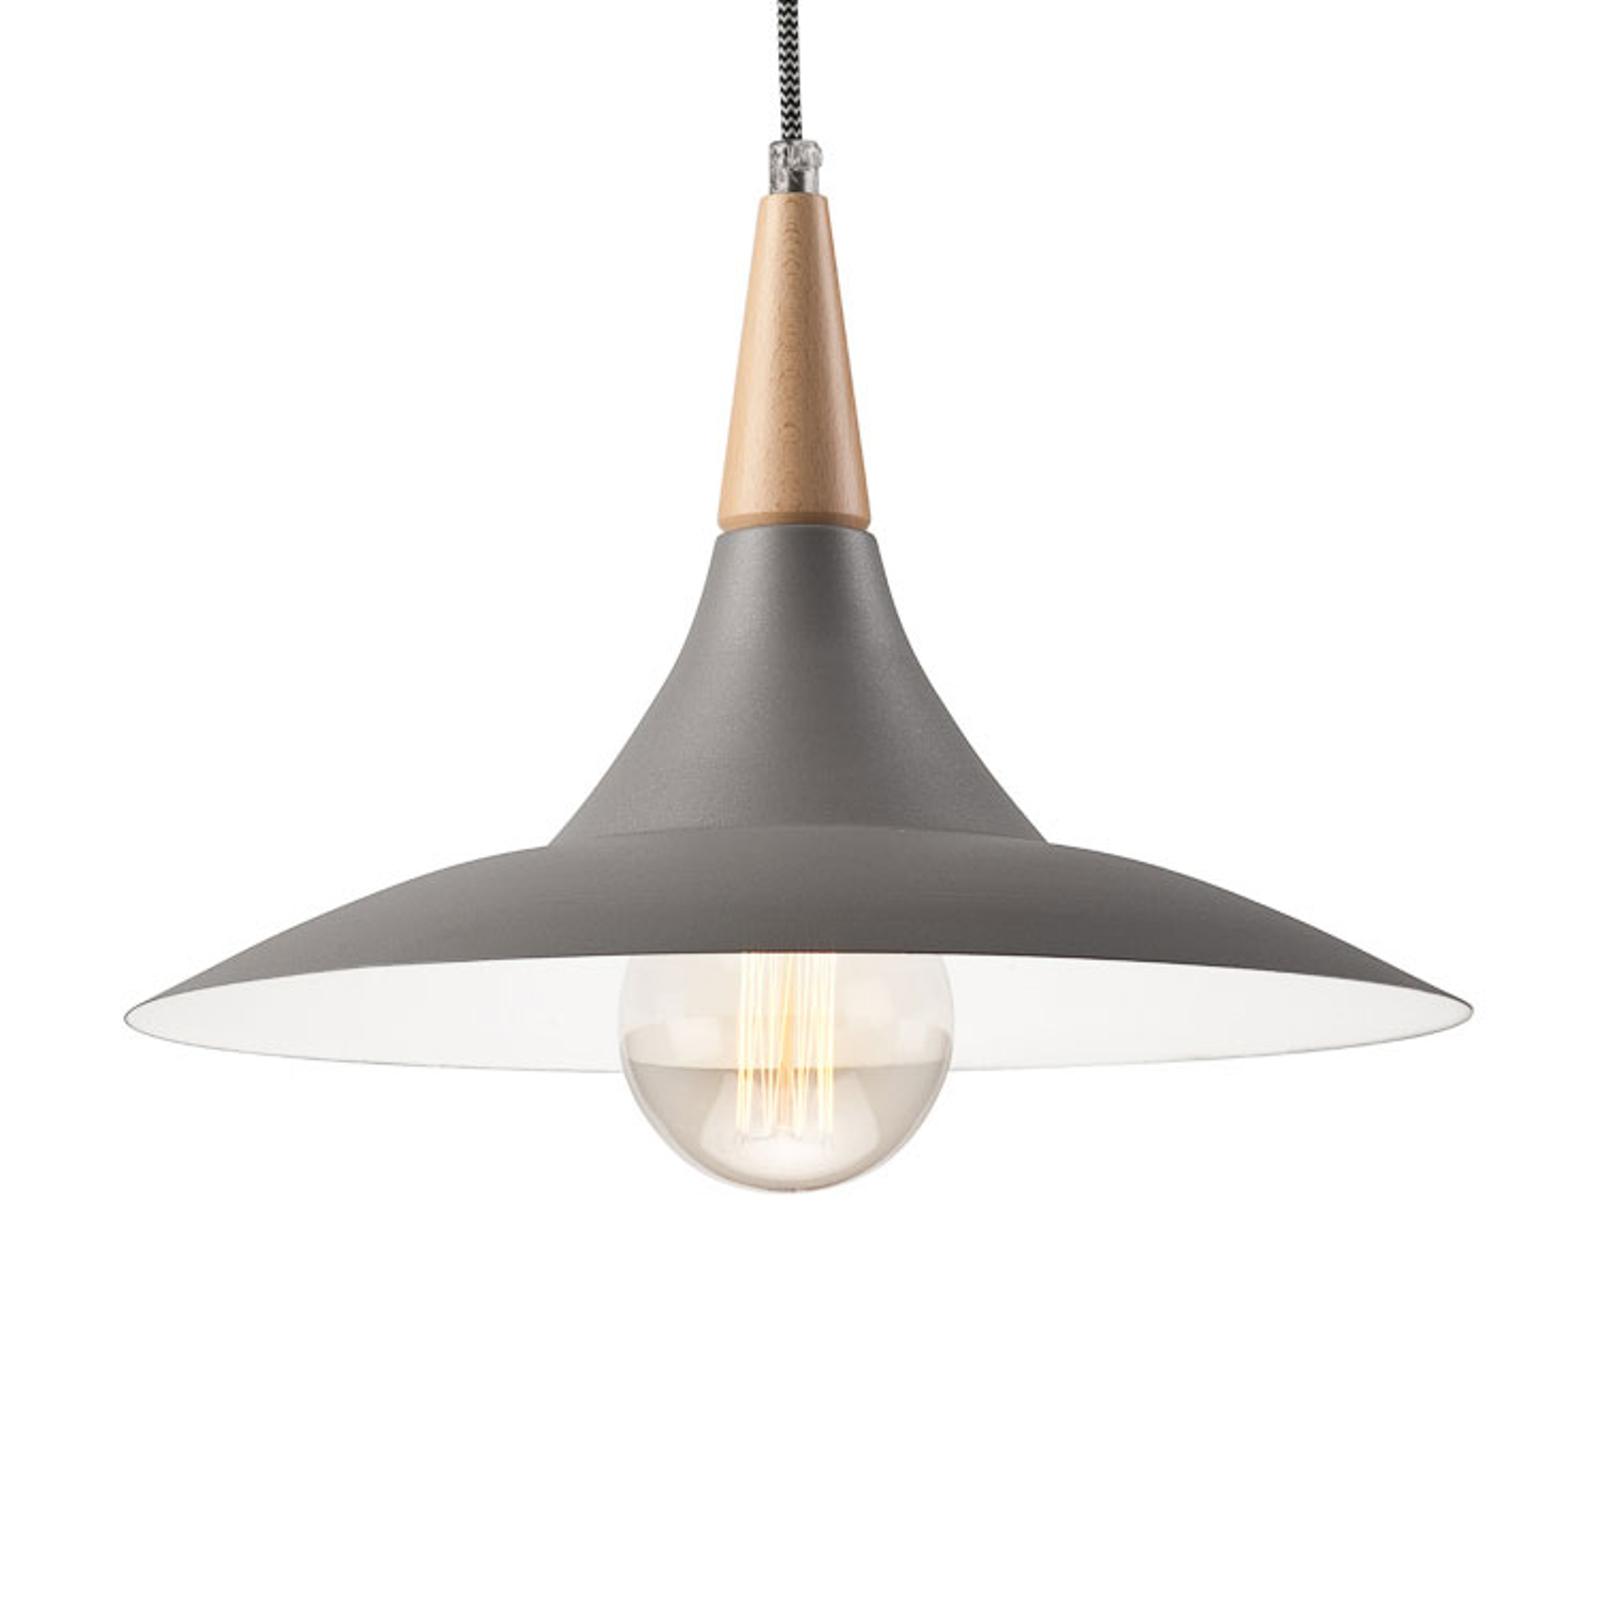 Holm hængelampe med trædetalje, grå